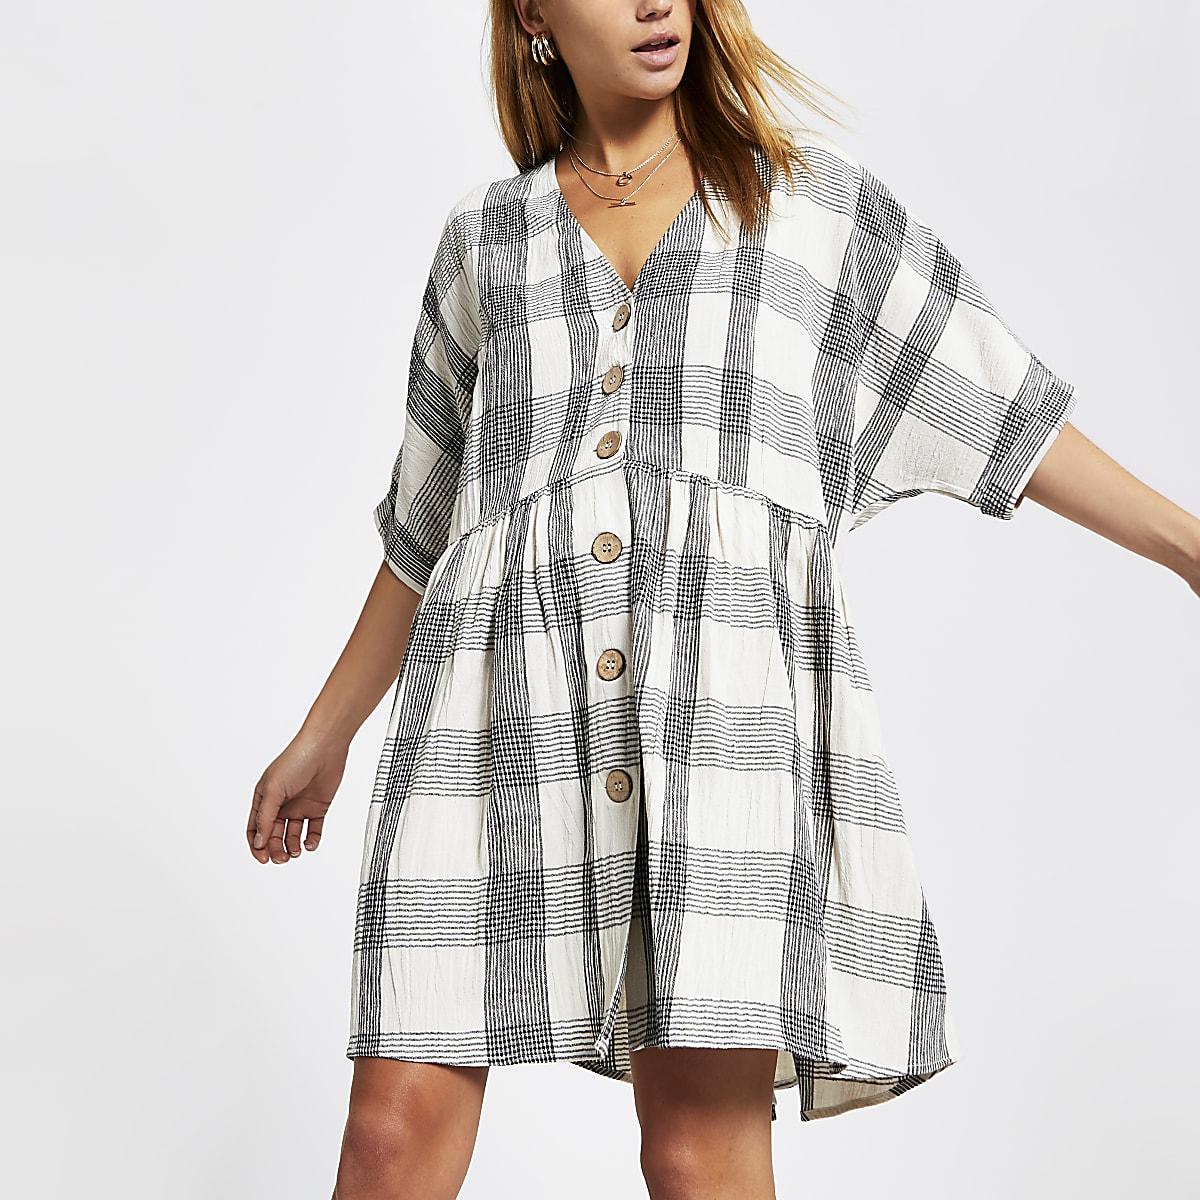 Beige check swing dress